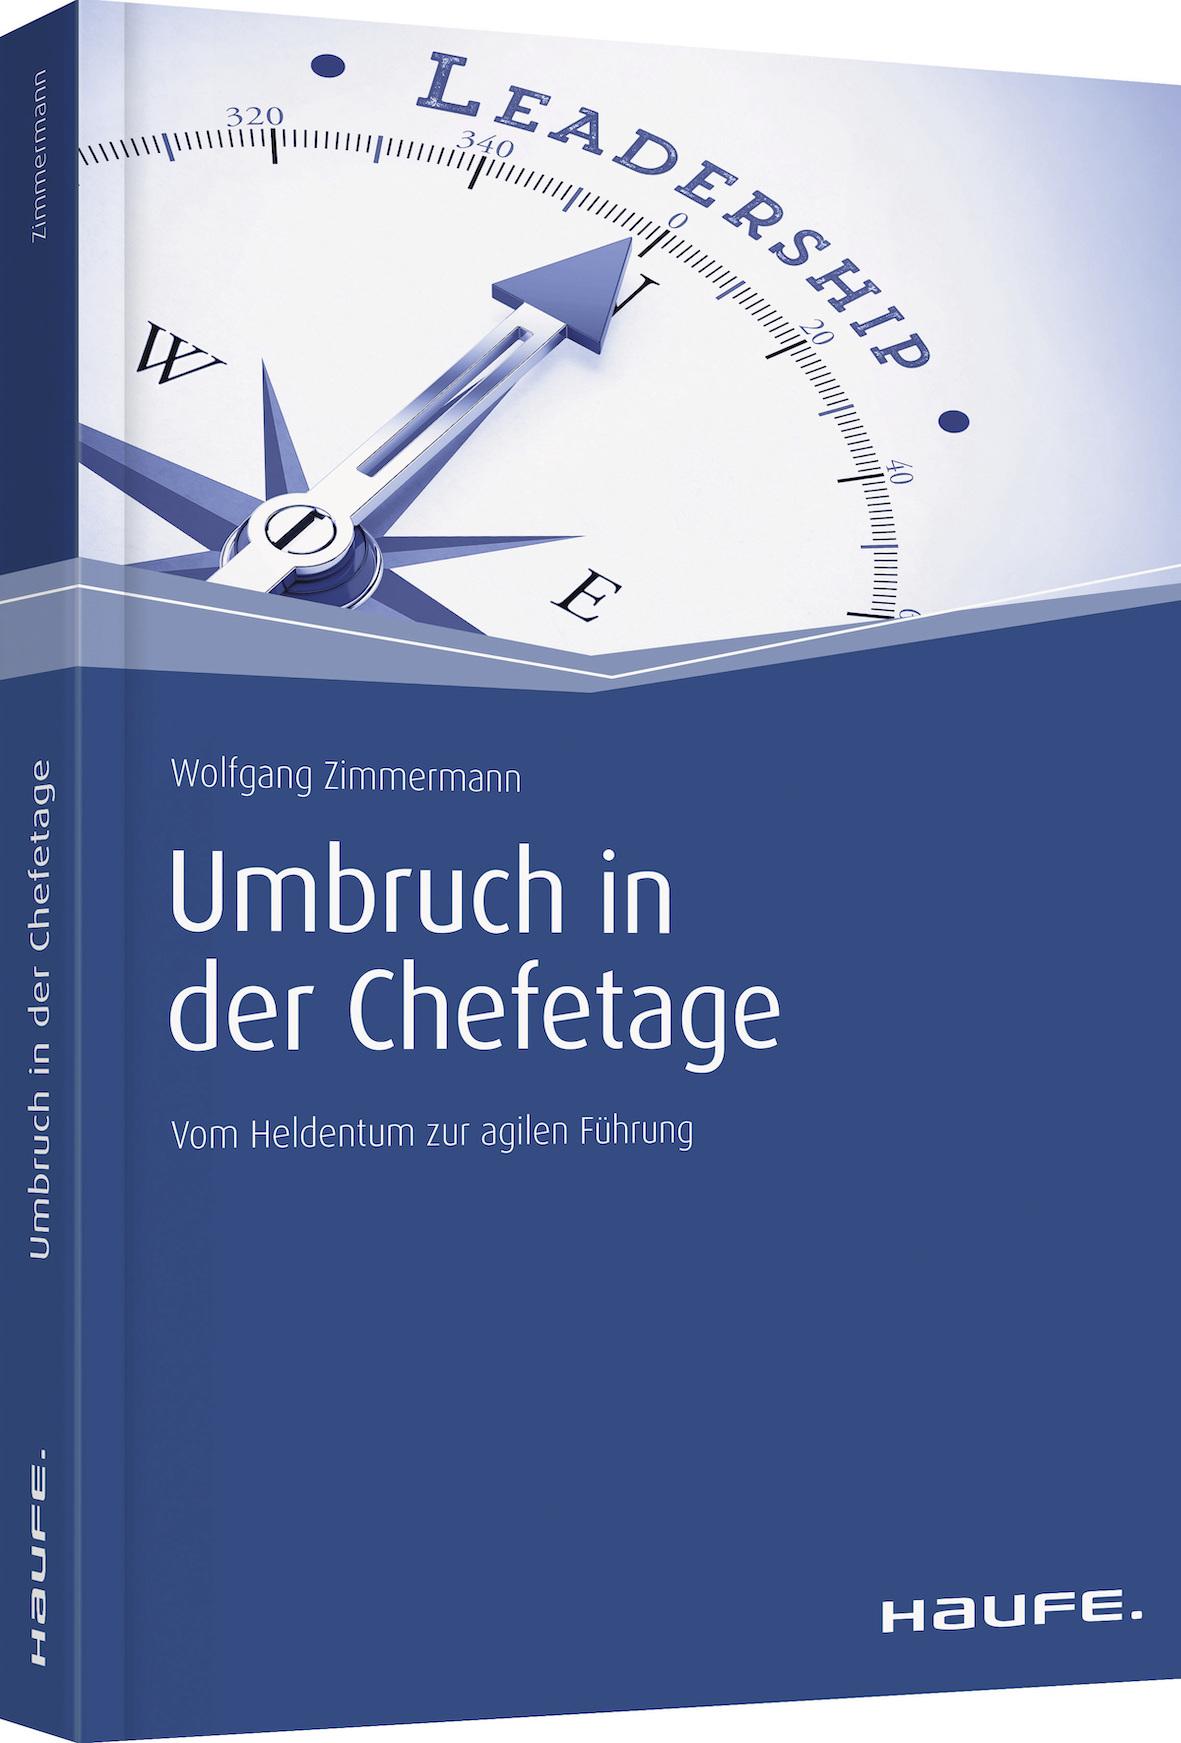 Expert Marketplace - Wolfgang Zimmermann - Umbruch in der Chefetage: Vom Heldentum zur agilen Führung (Haufe Fachbuch)